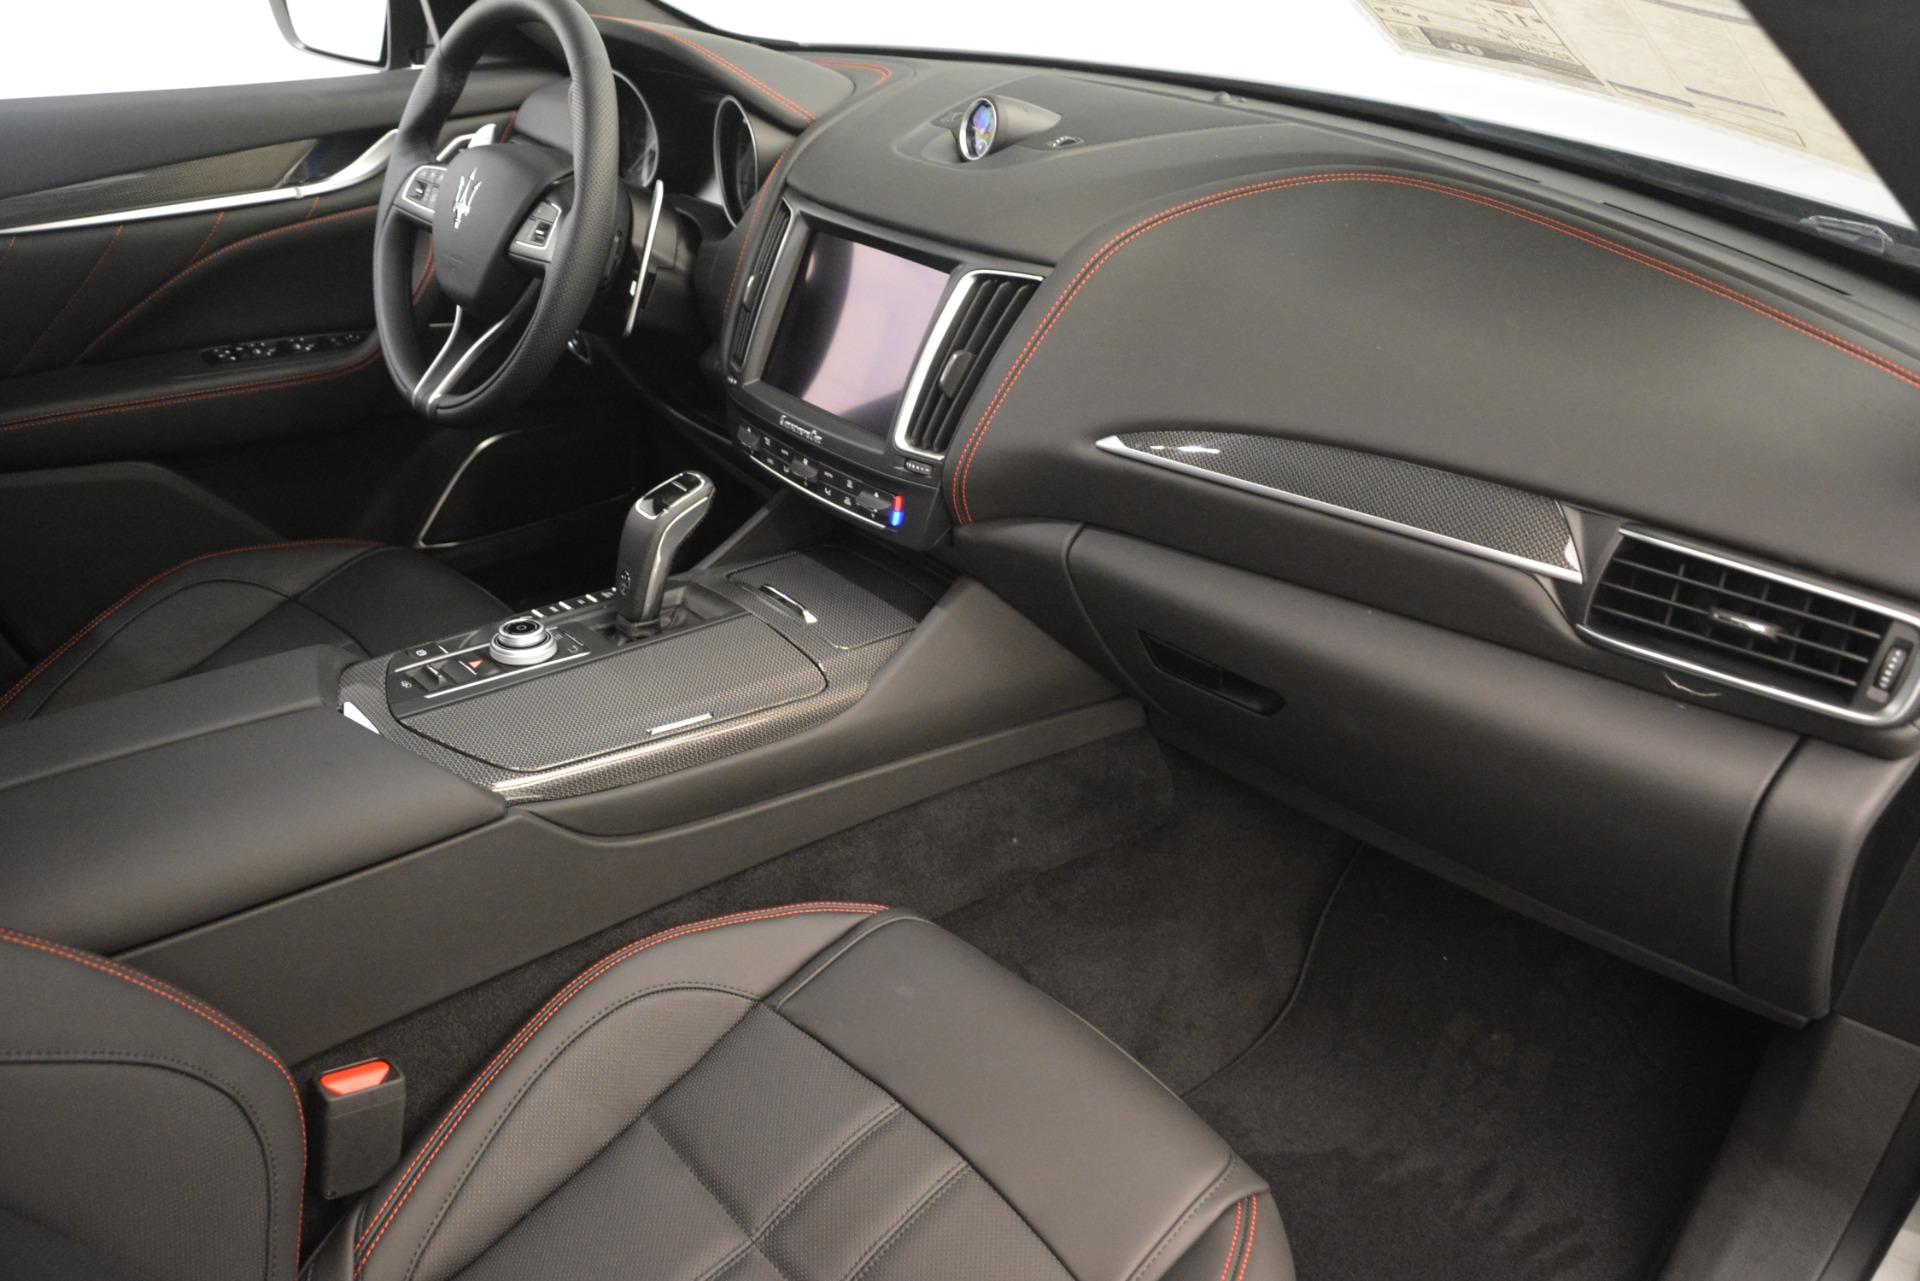 New 2019 Maserati Levante SQ4 GranSport Nerissimo For Sale In Greenwich, CT 3177_p22